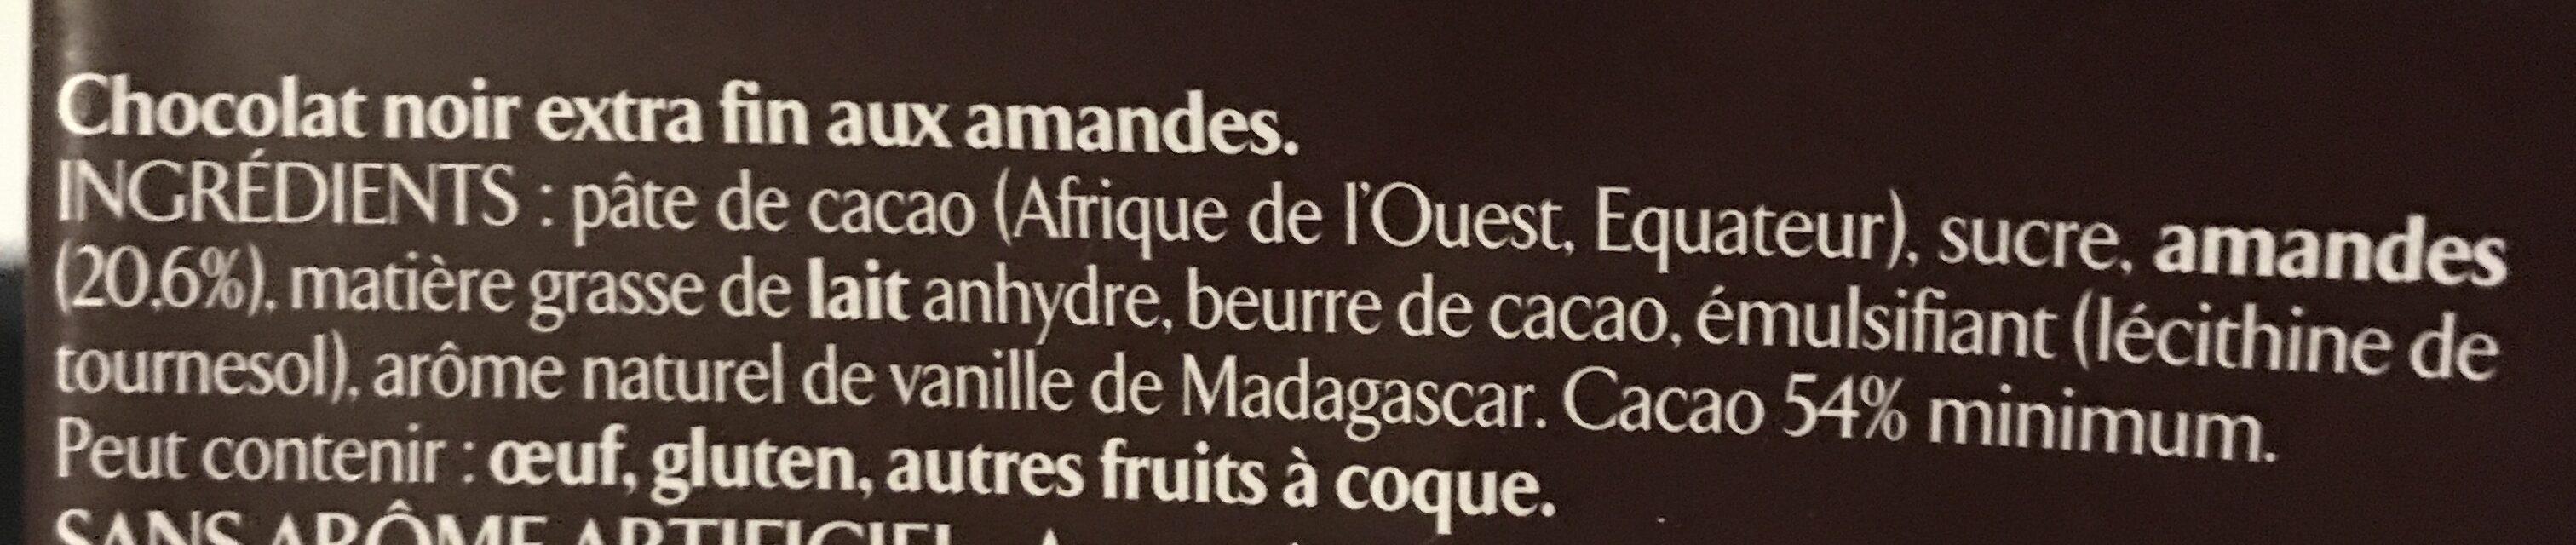 Amandes entières chocolat noir - Ingrédients - fr